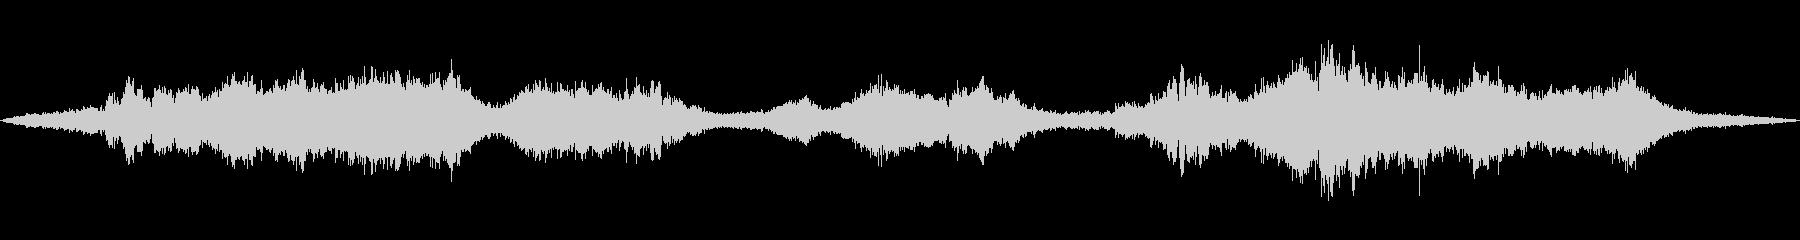 【環境音】道路の音(環状八号線)の未再生の波形